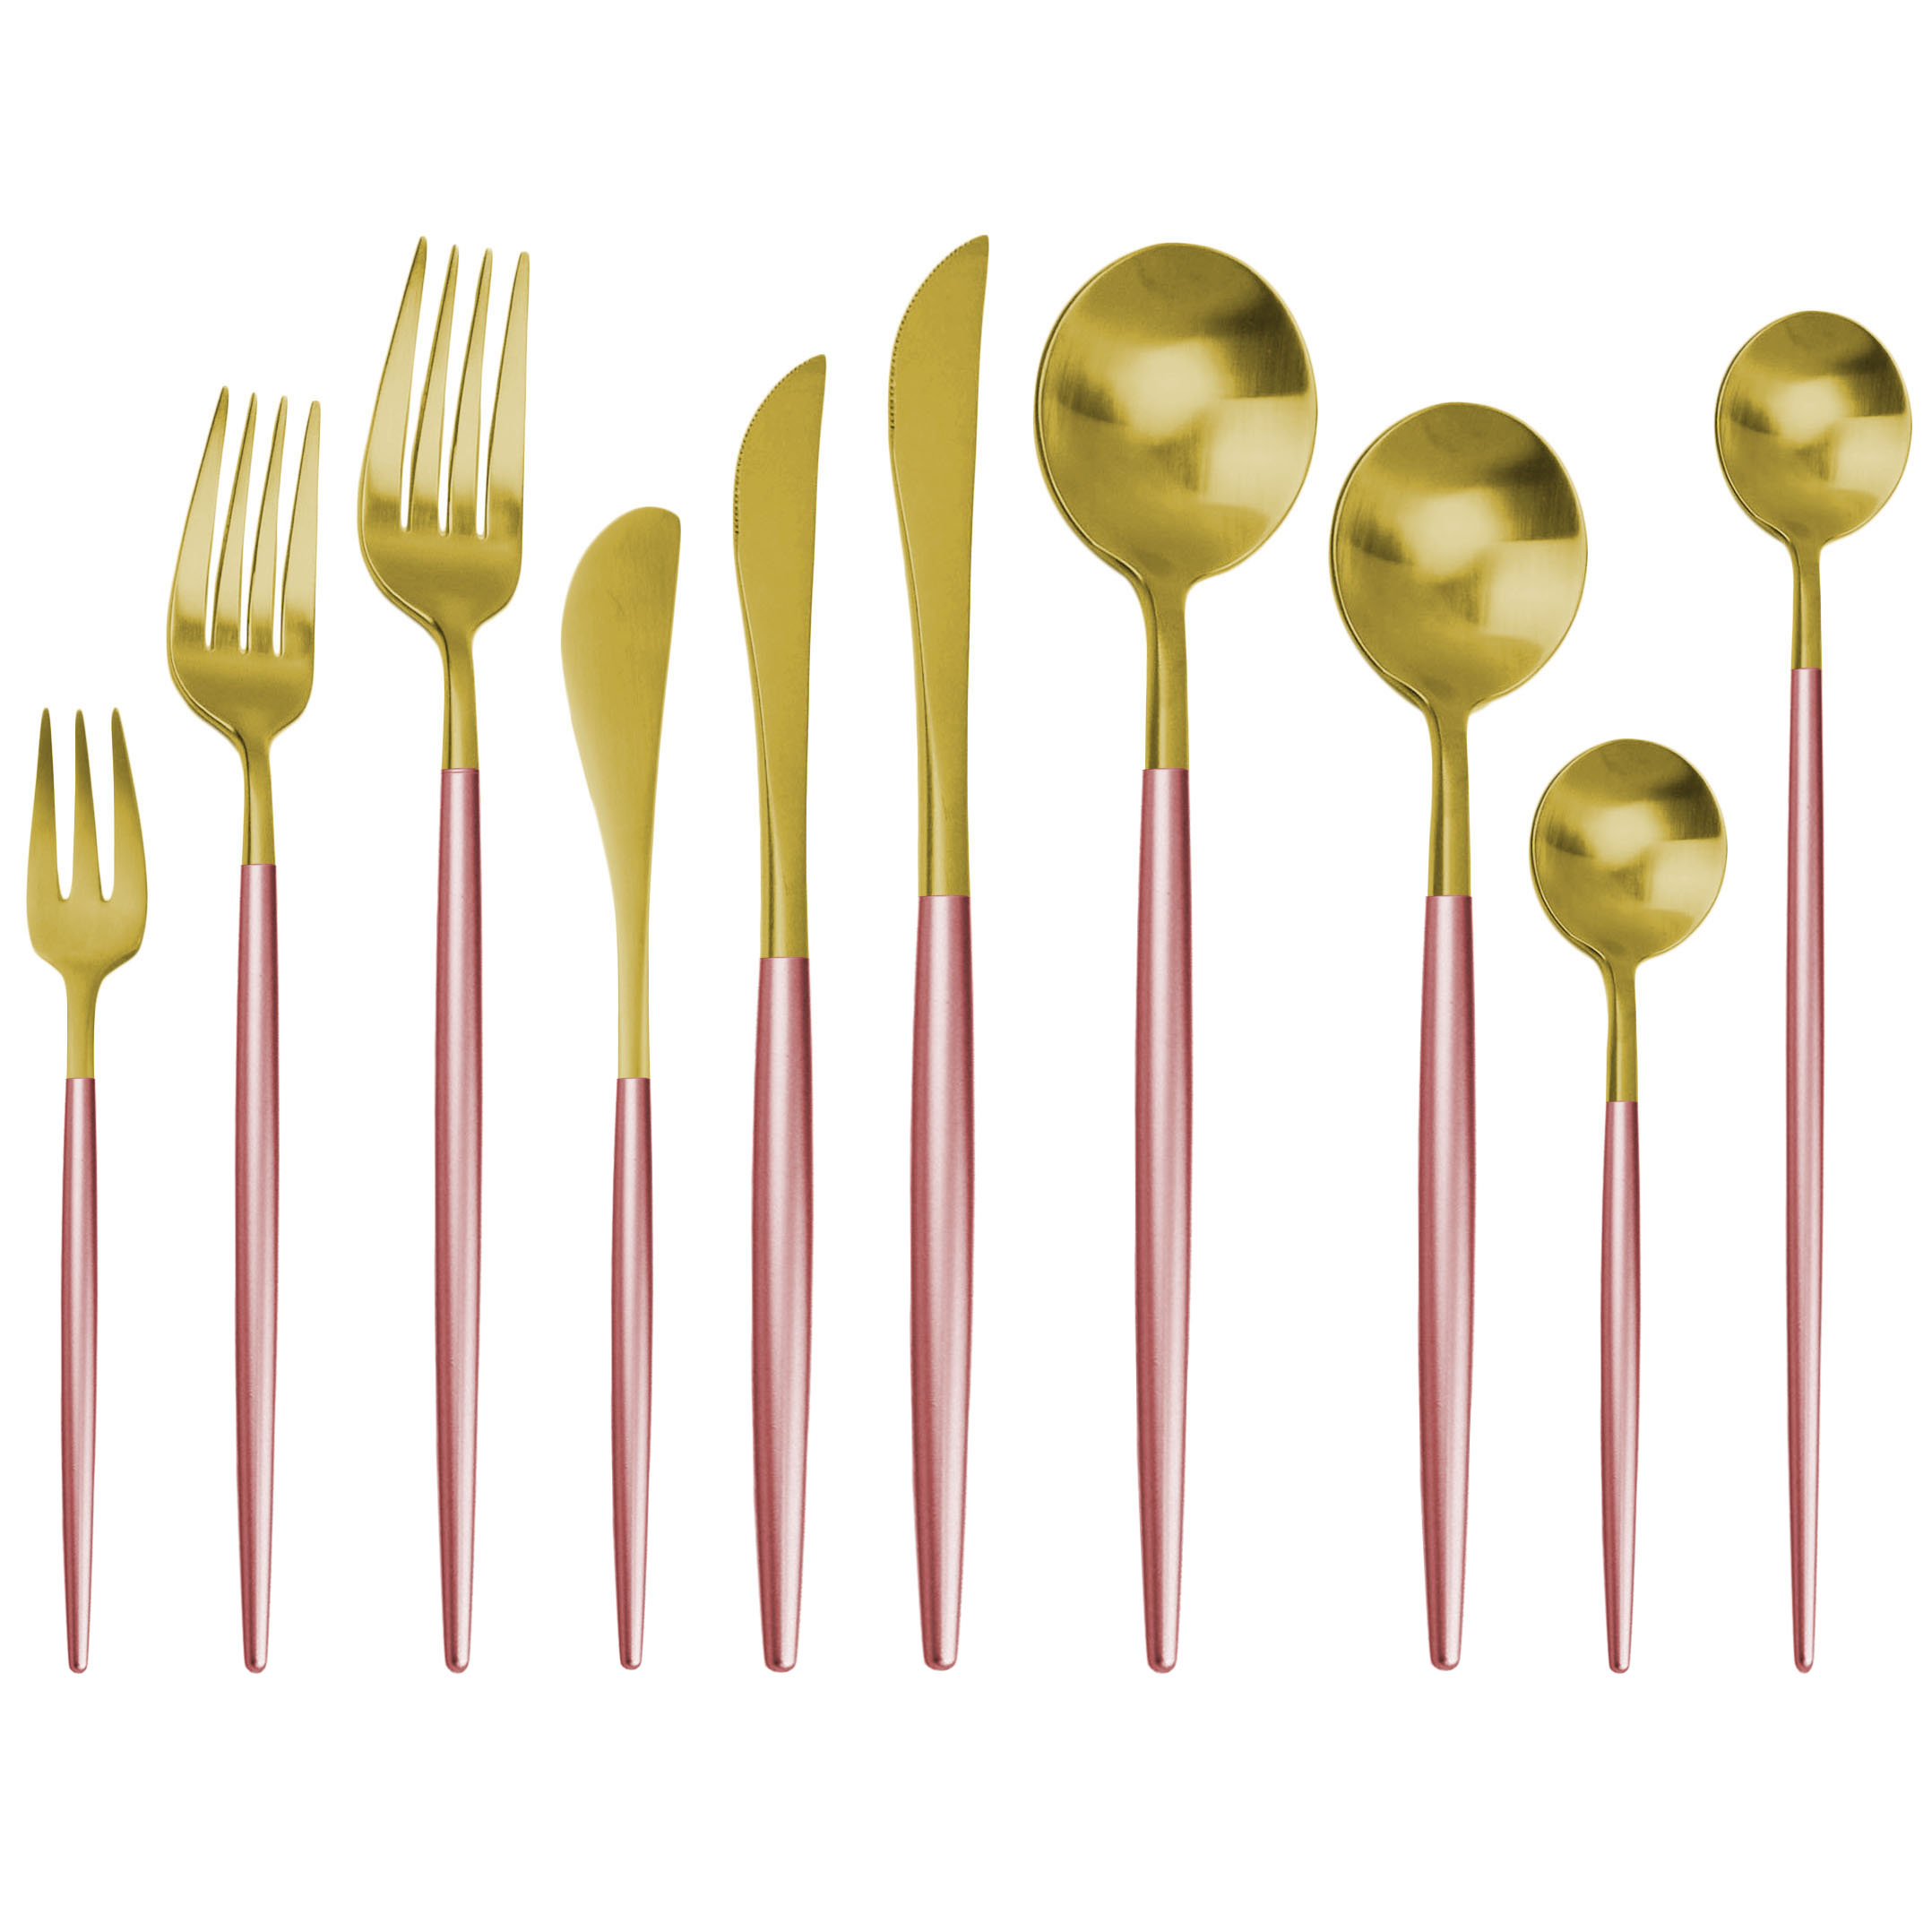 Juego de cubiertos de oro rosa 18/10, juego de cubiertos de acero inoxidable, cuchillo de mantequilla, postre, cuchara para cenas, tenedor, cuchara de hielo, juego de vajilla|Juegos de vajilla|   - AliExpress